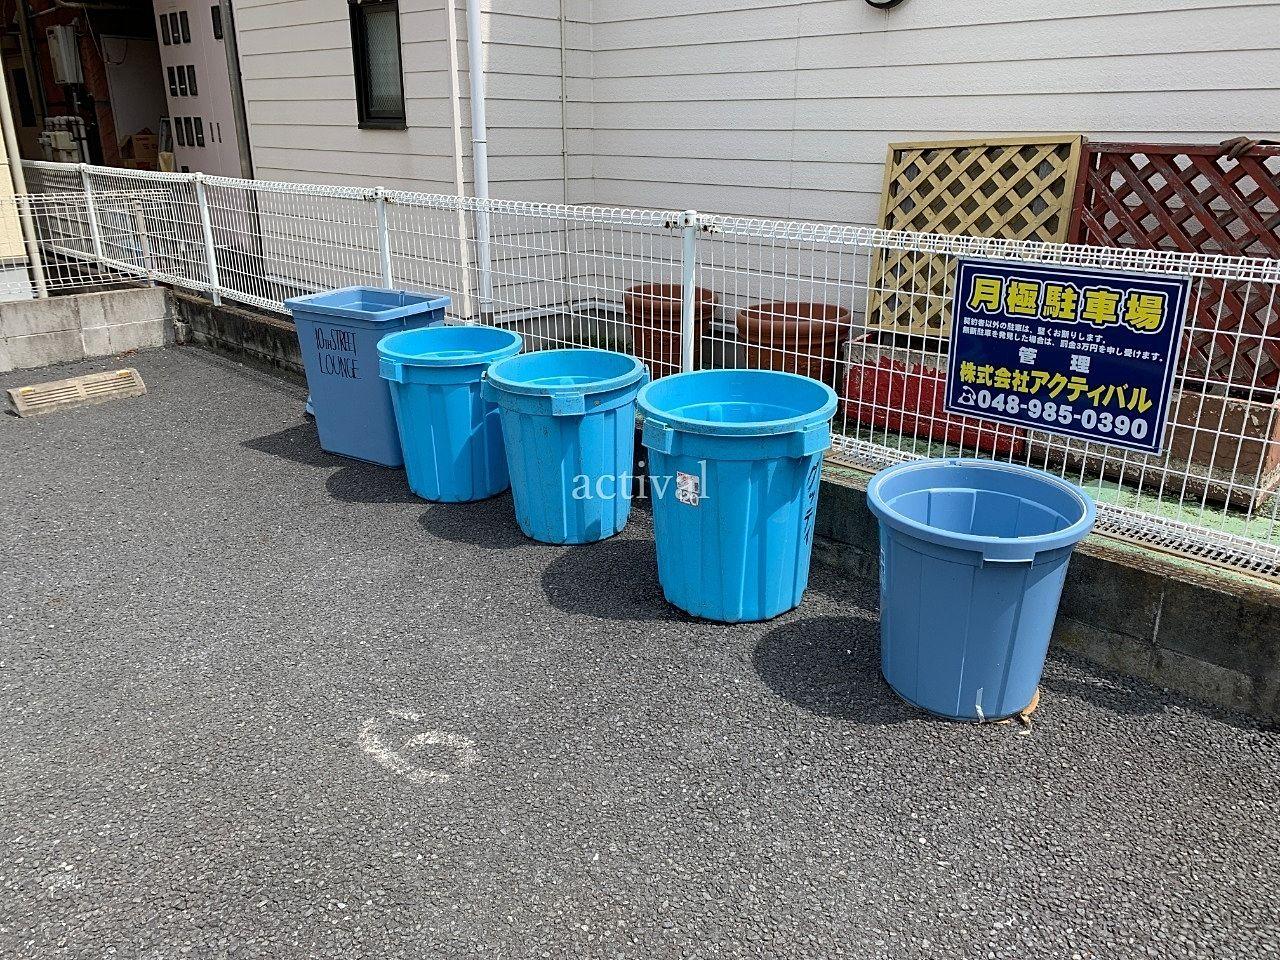 ア・ス・ヴェルデⅡのテナントさん専用ゴミ捨て場にあるポリバケツを掃除しました!!